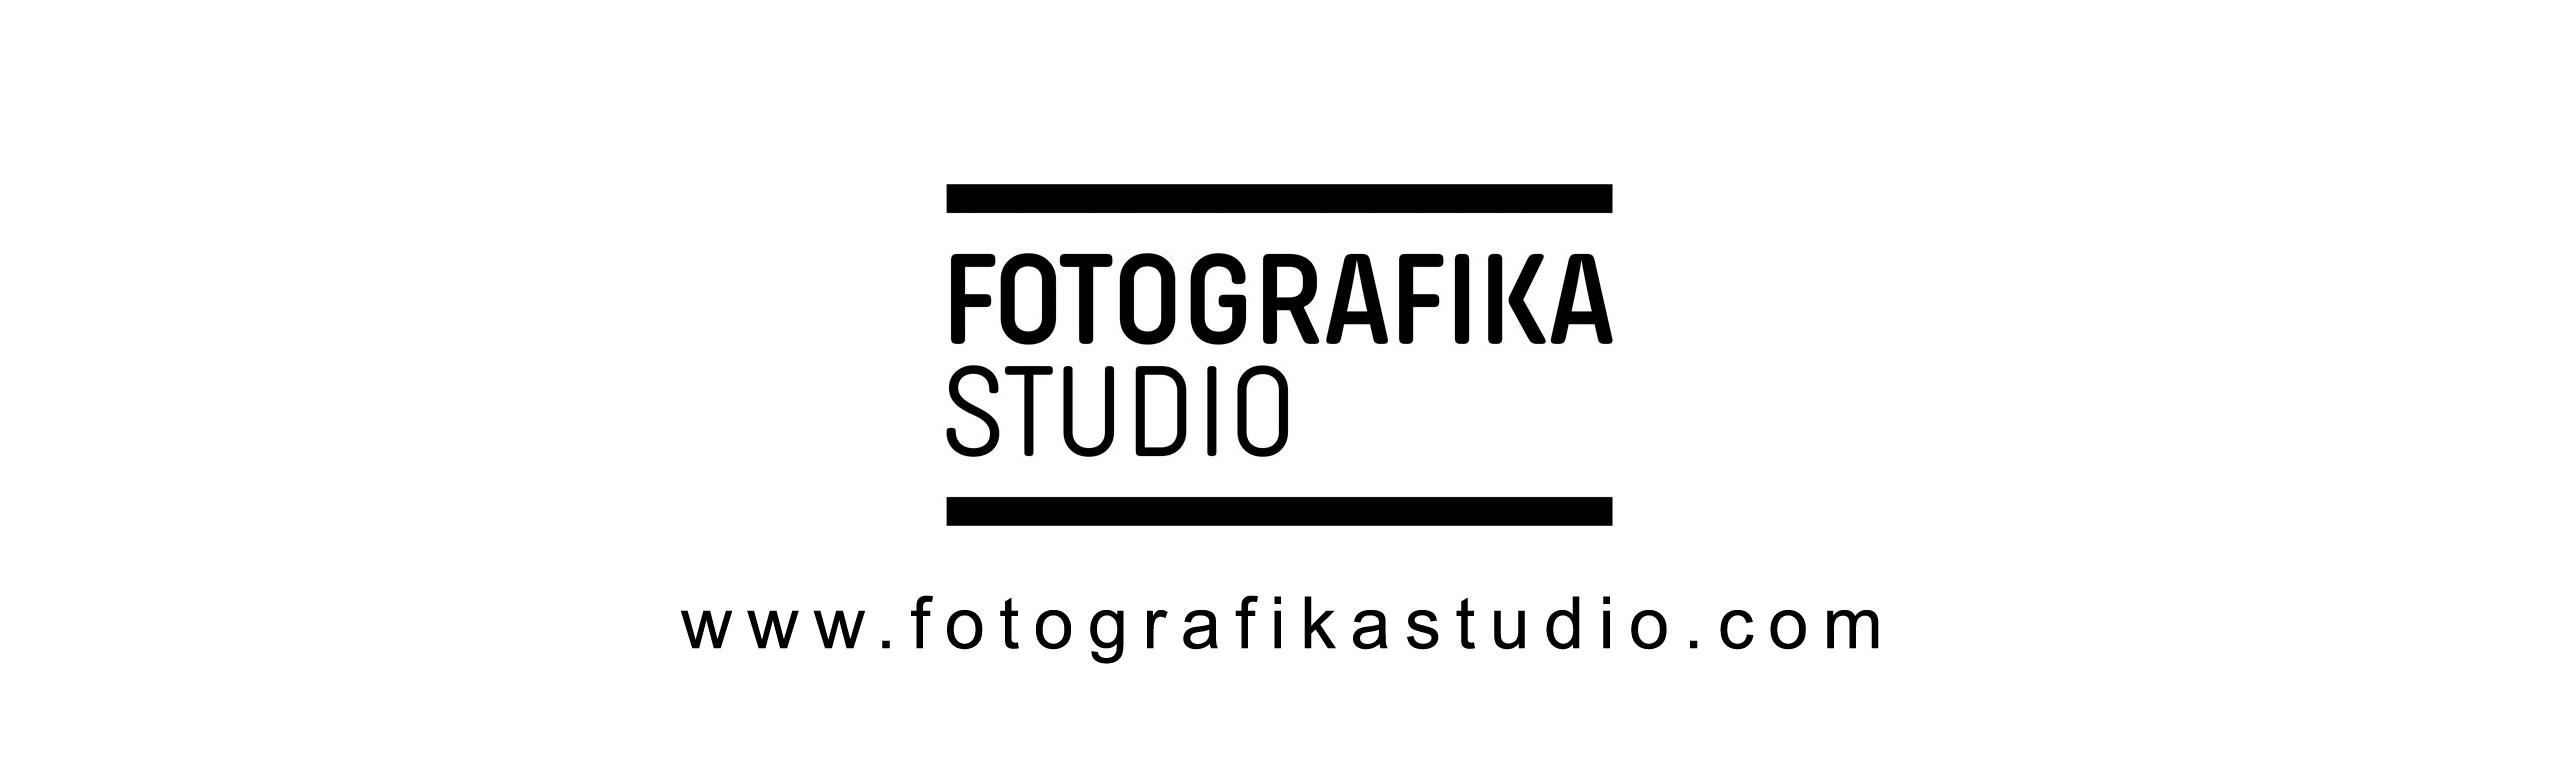 Logo para seccion Fotografika